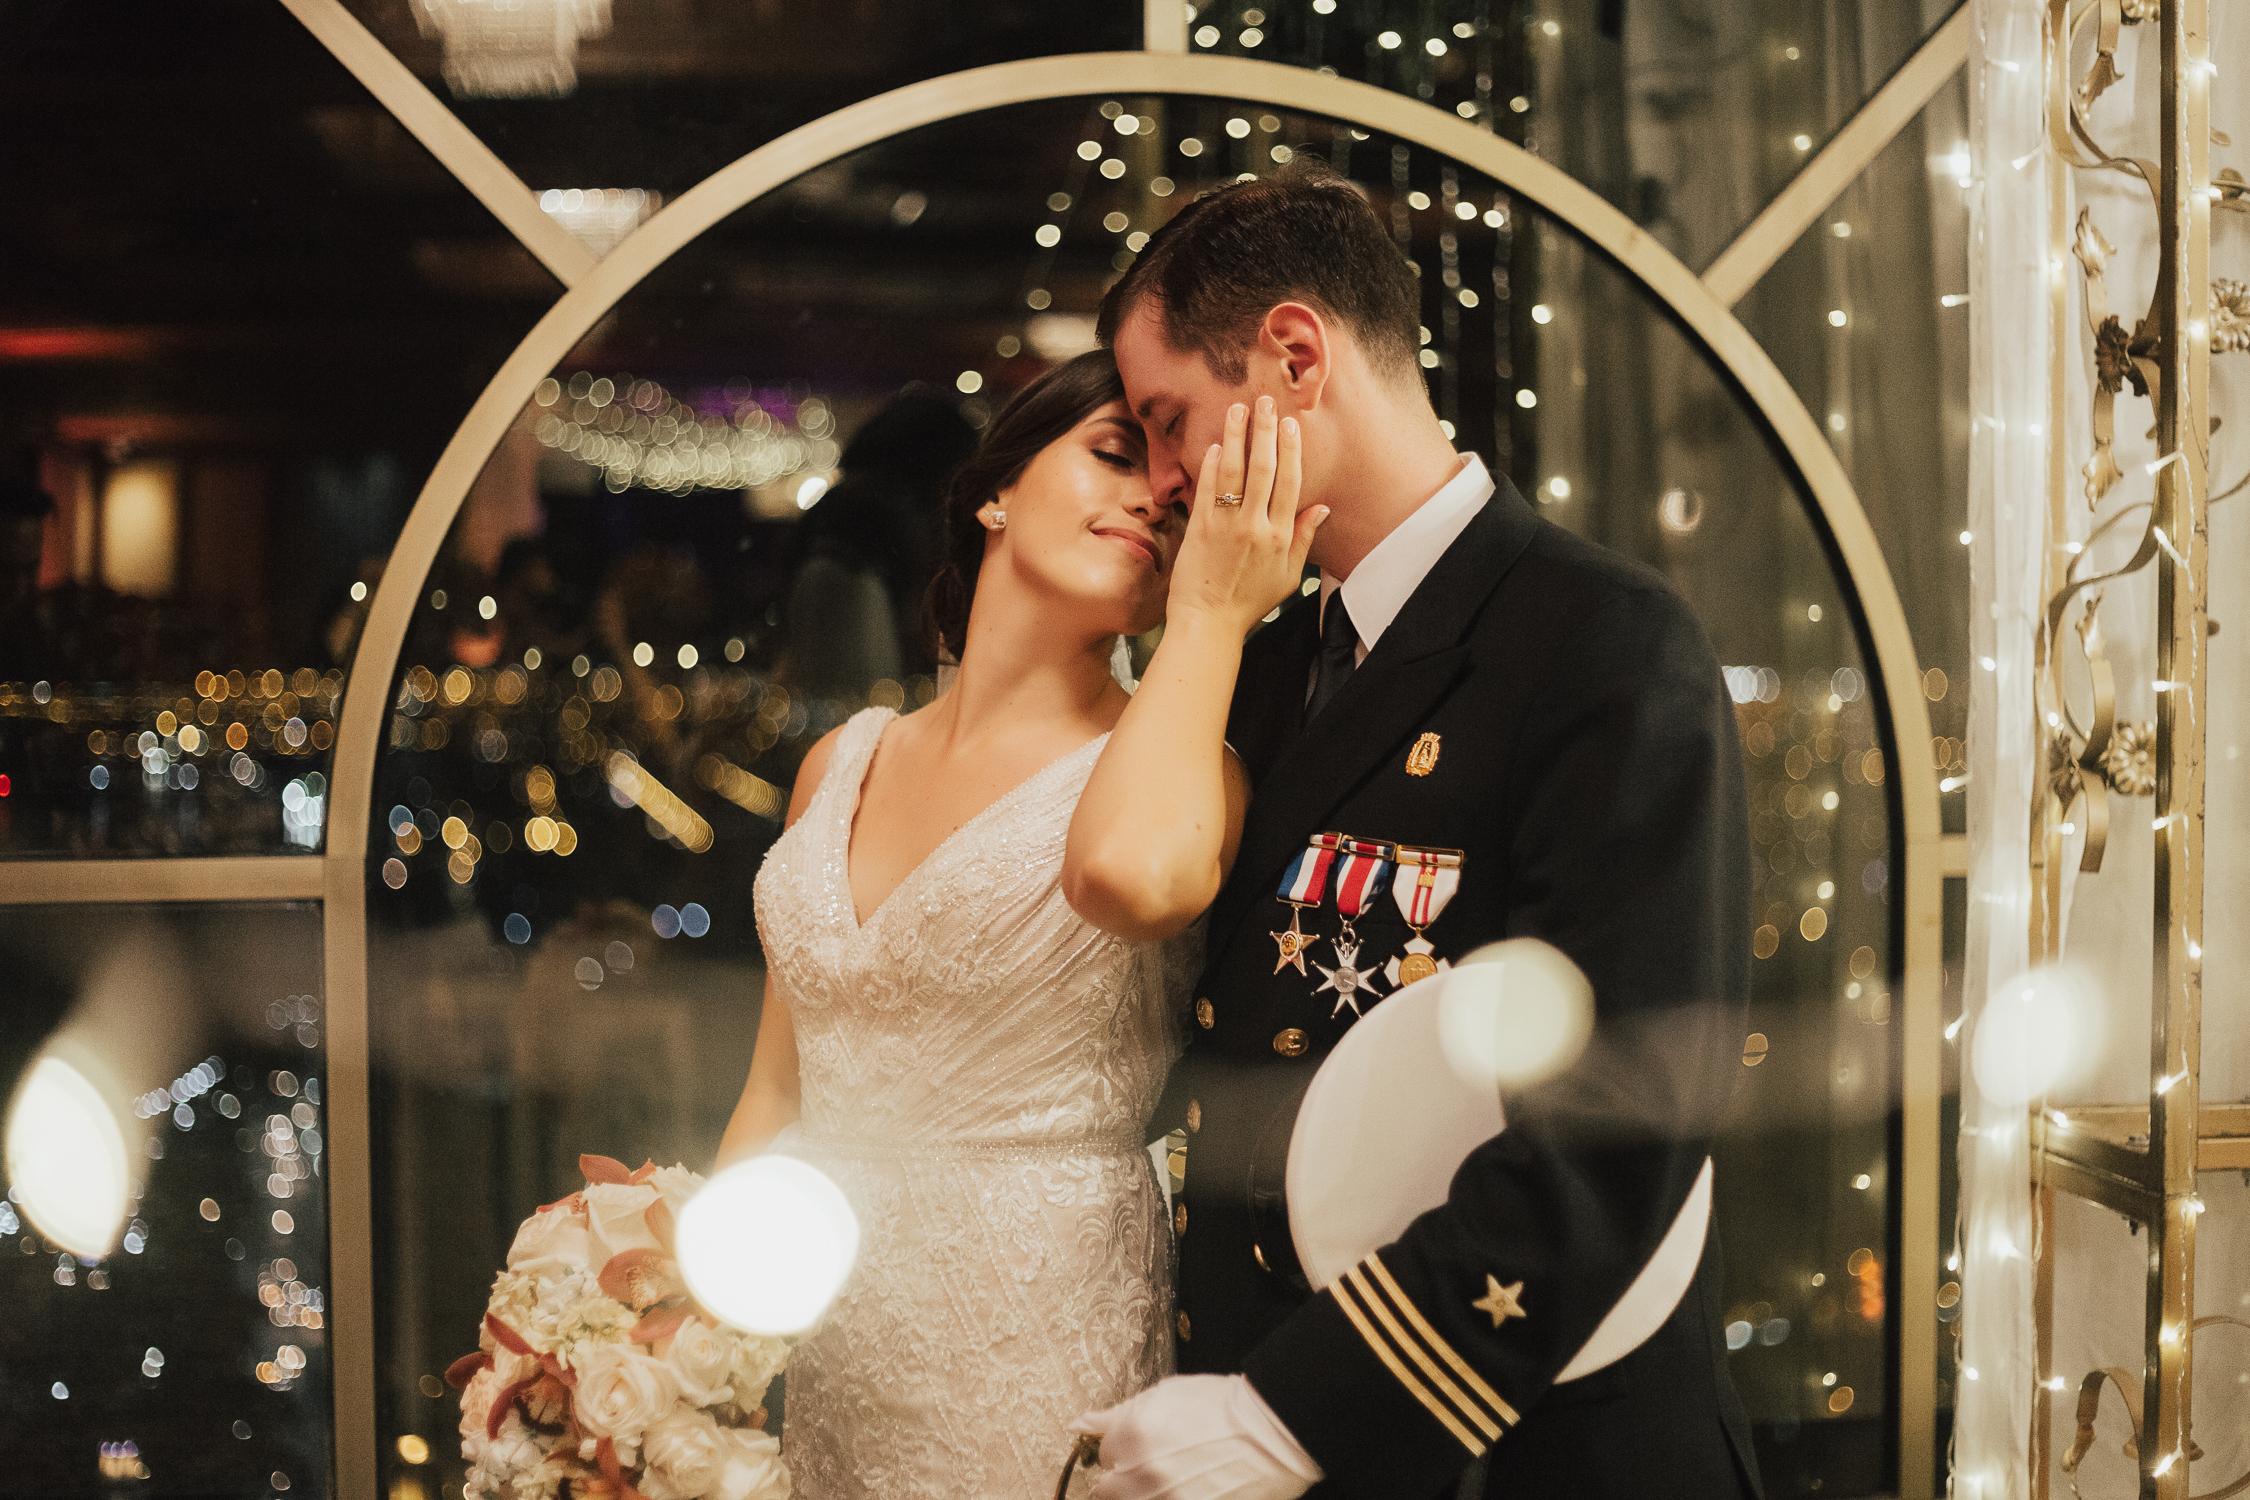 Michelle-Agurto-Fotografia-Bodas-Ecuador-Destination-Wedding-Photographer-Ecuador-Mercedes-Alvaro-131.JPG